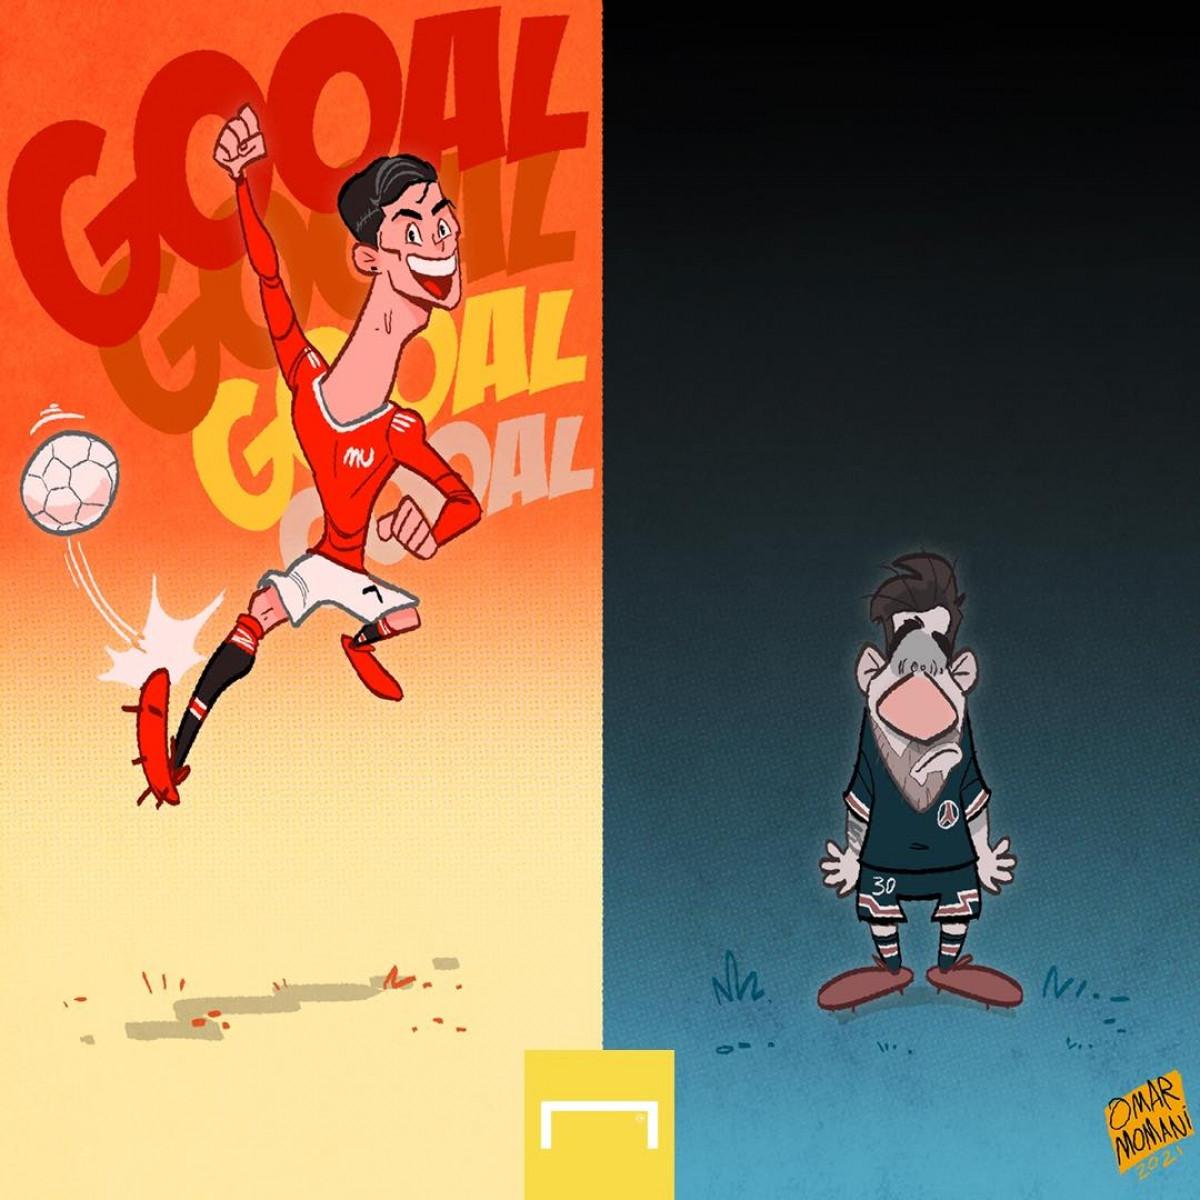 Ronaldo khiến Messi phải chịu áp lực ngàn cân. (Ảnh: Omar Momani)